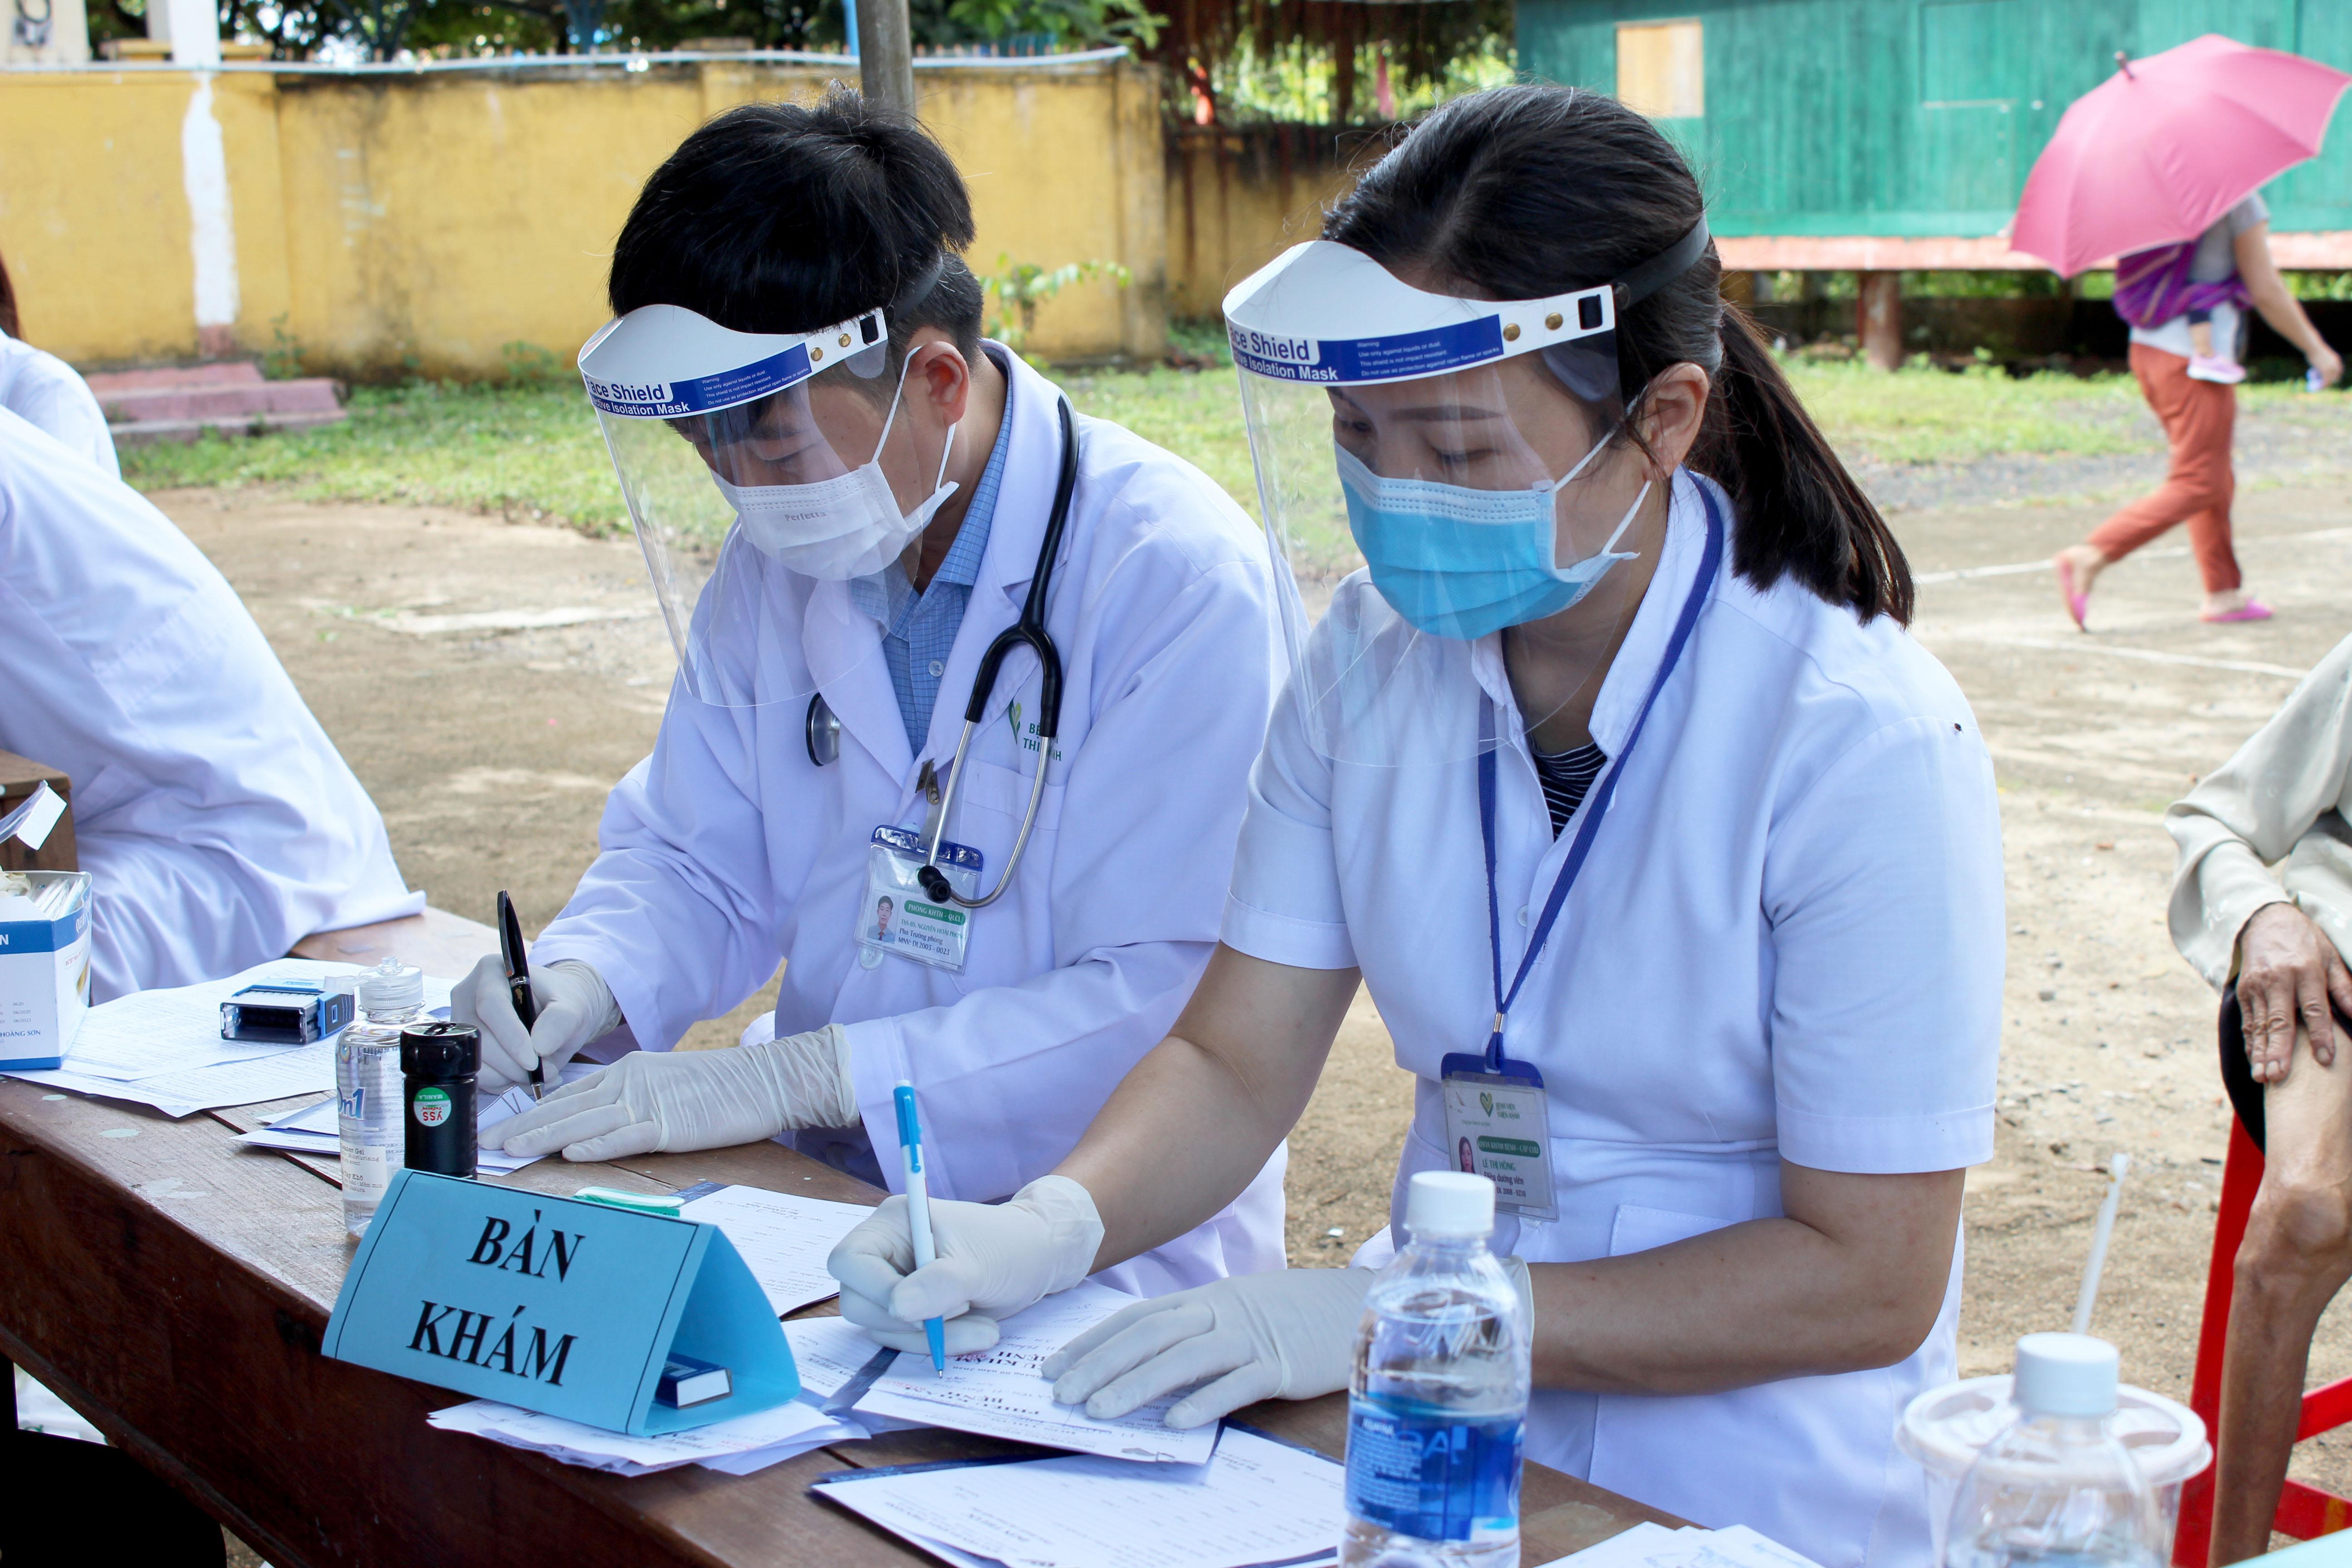 Khám Bệnh Miễn Phí Tại Buôn EaNa: Đảm Bảo Chặt Chẽ Các Biện Pháp Phòng Dịch